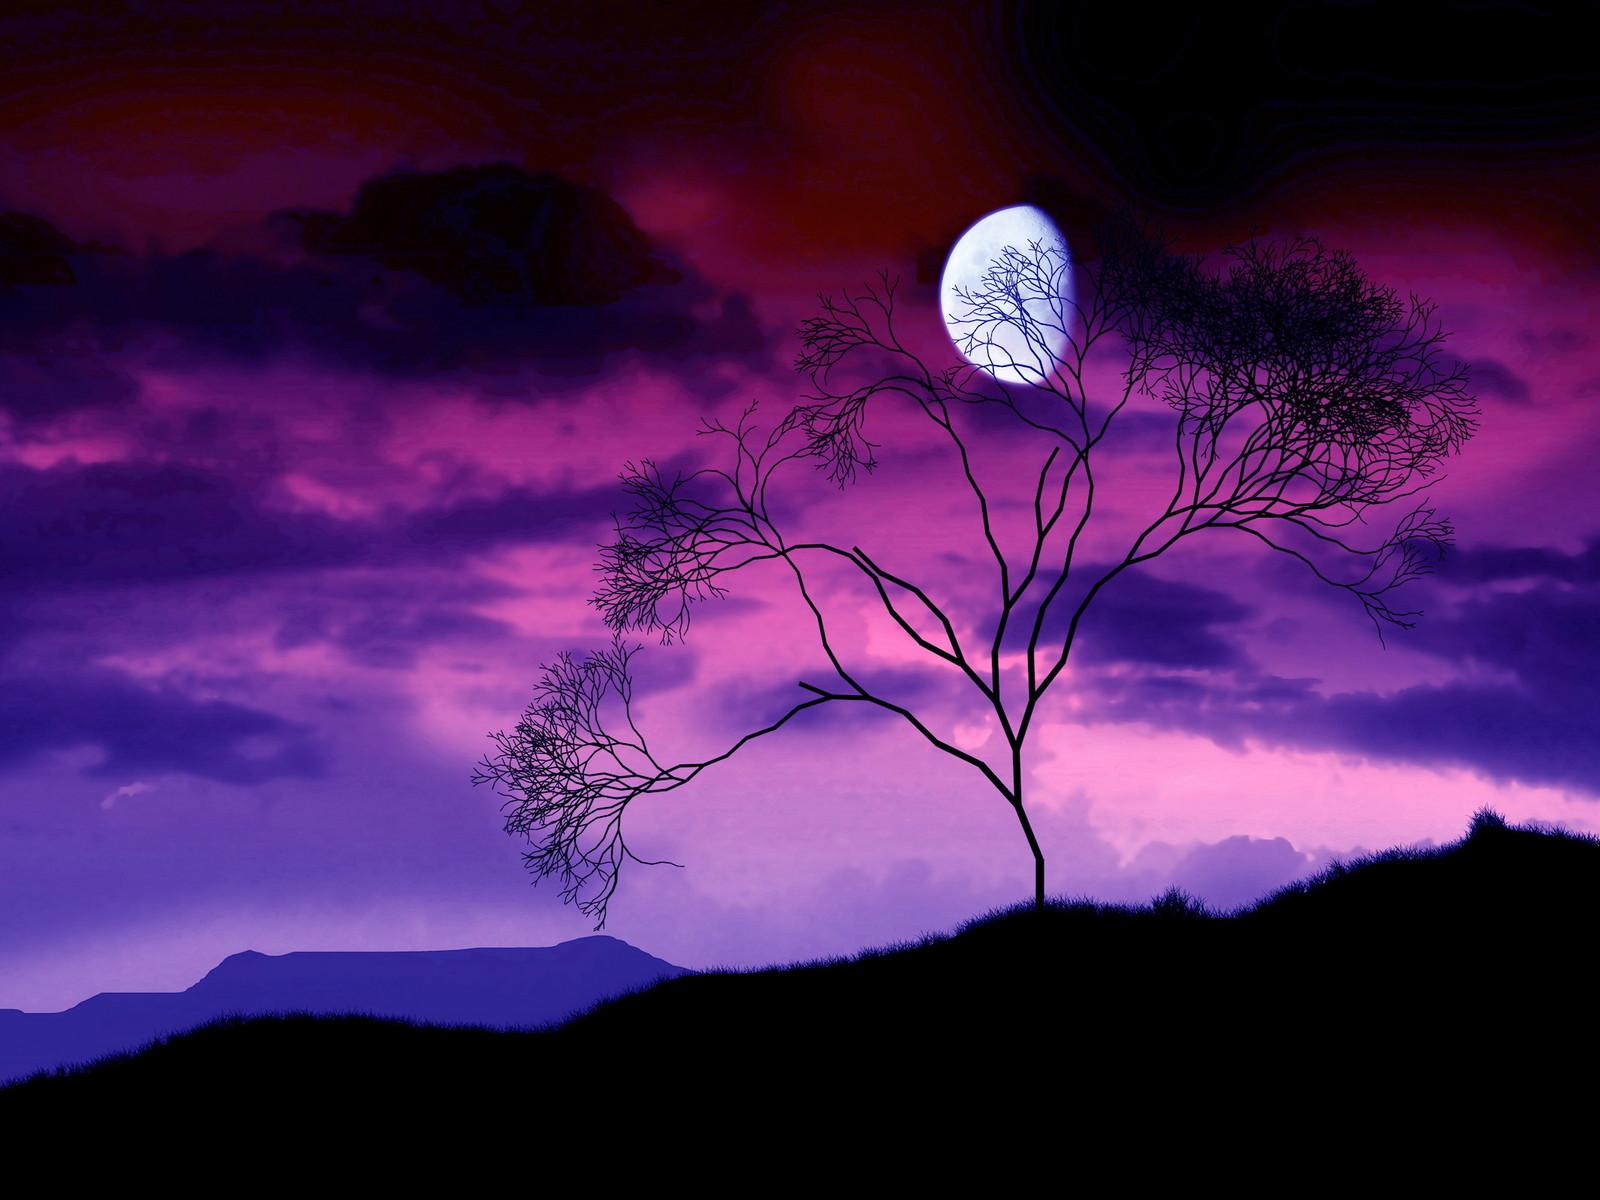 3d nature wallpaper moon - photo #26